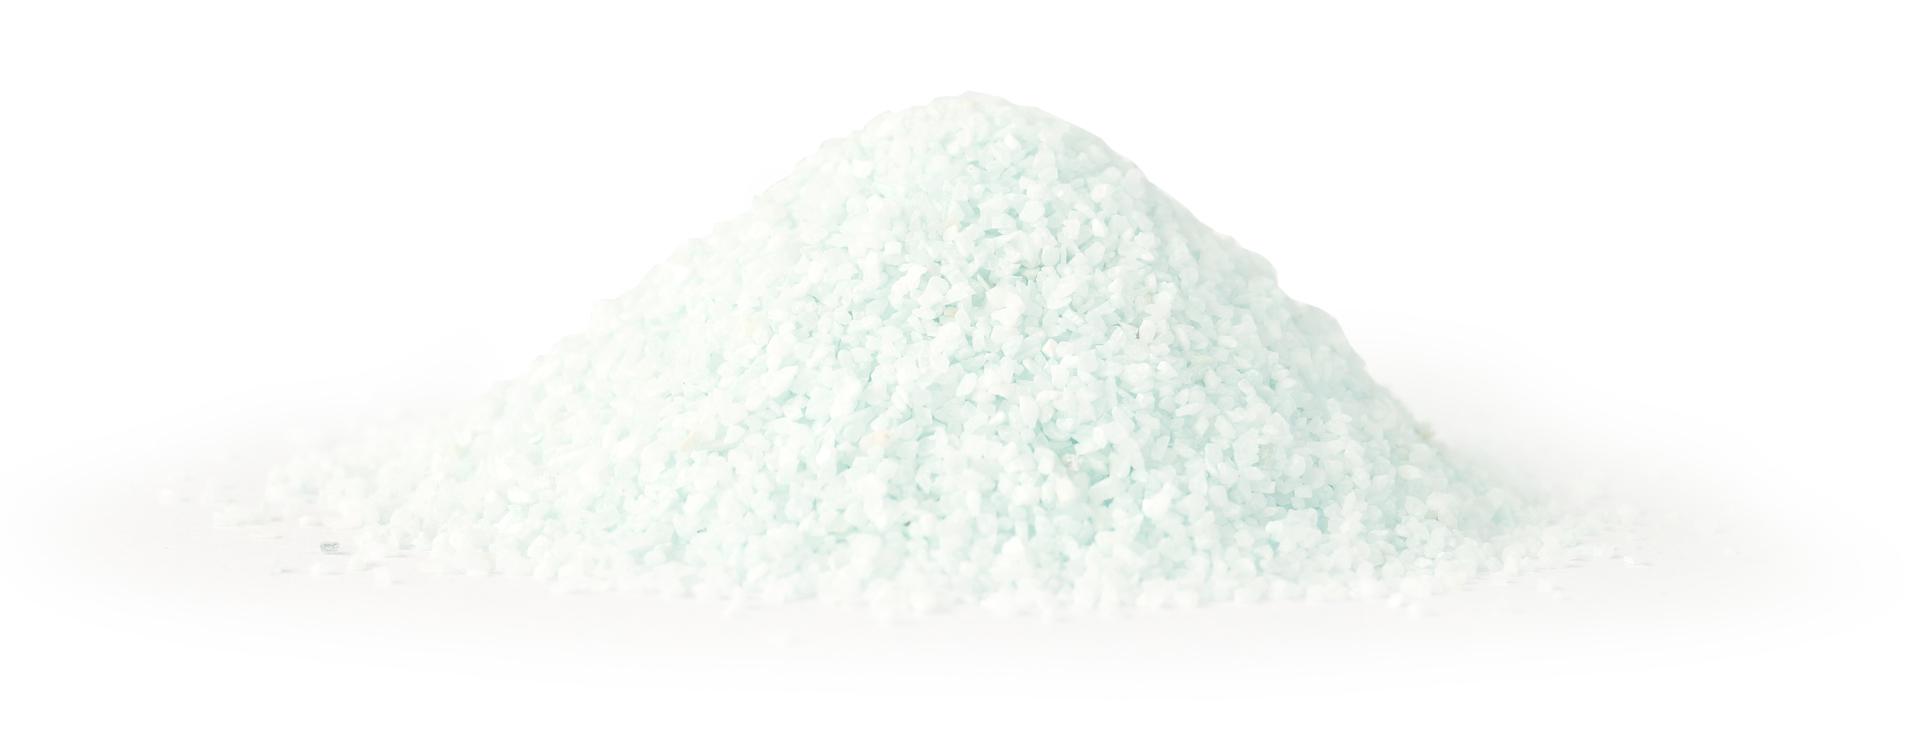 Dekorativní písek, nebesky modrý, 400g